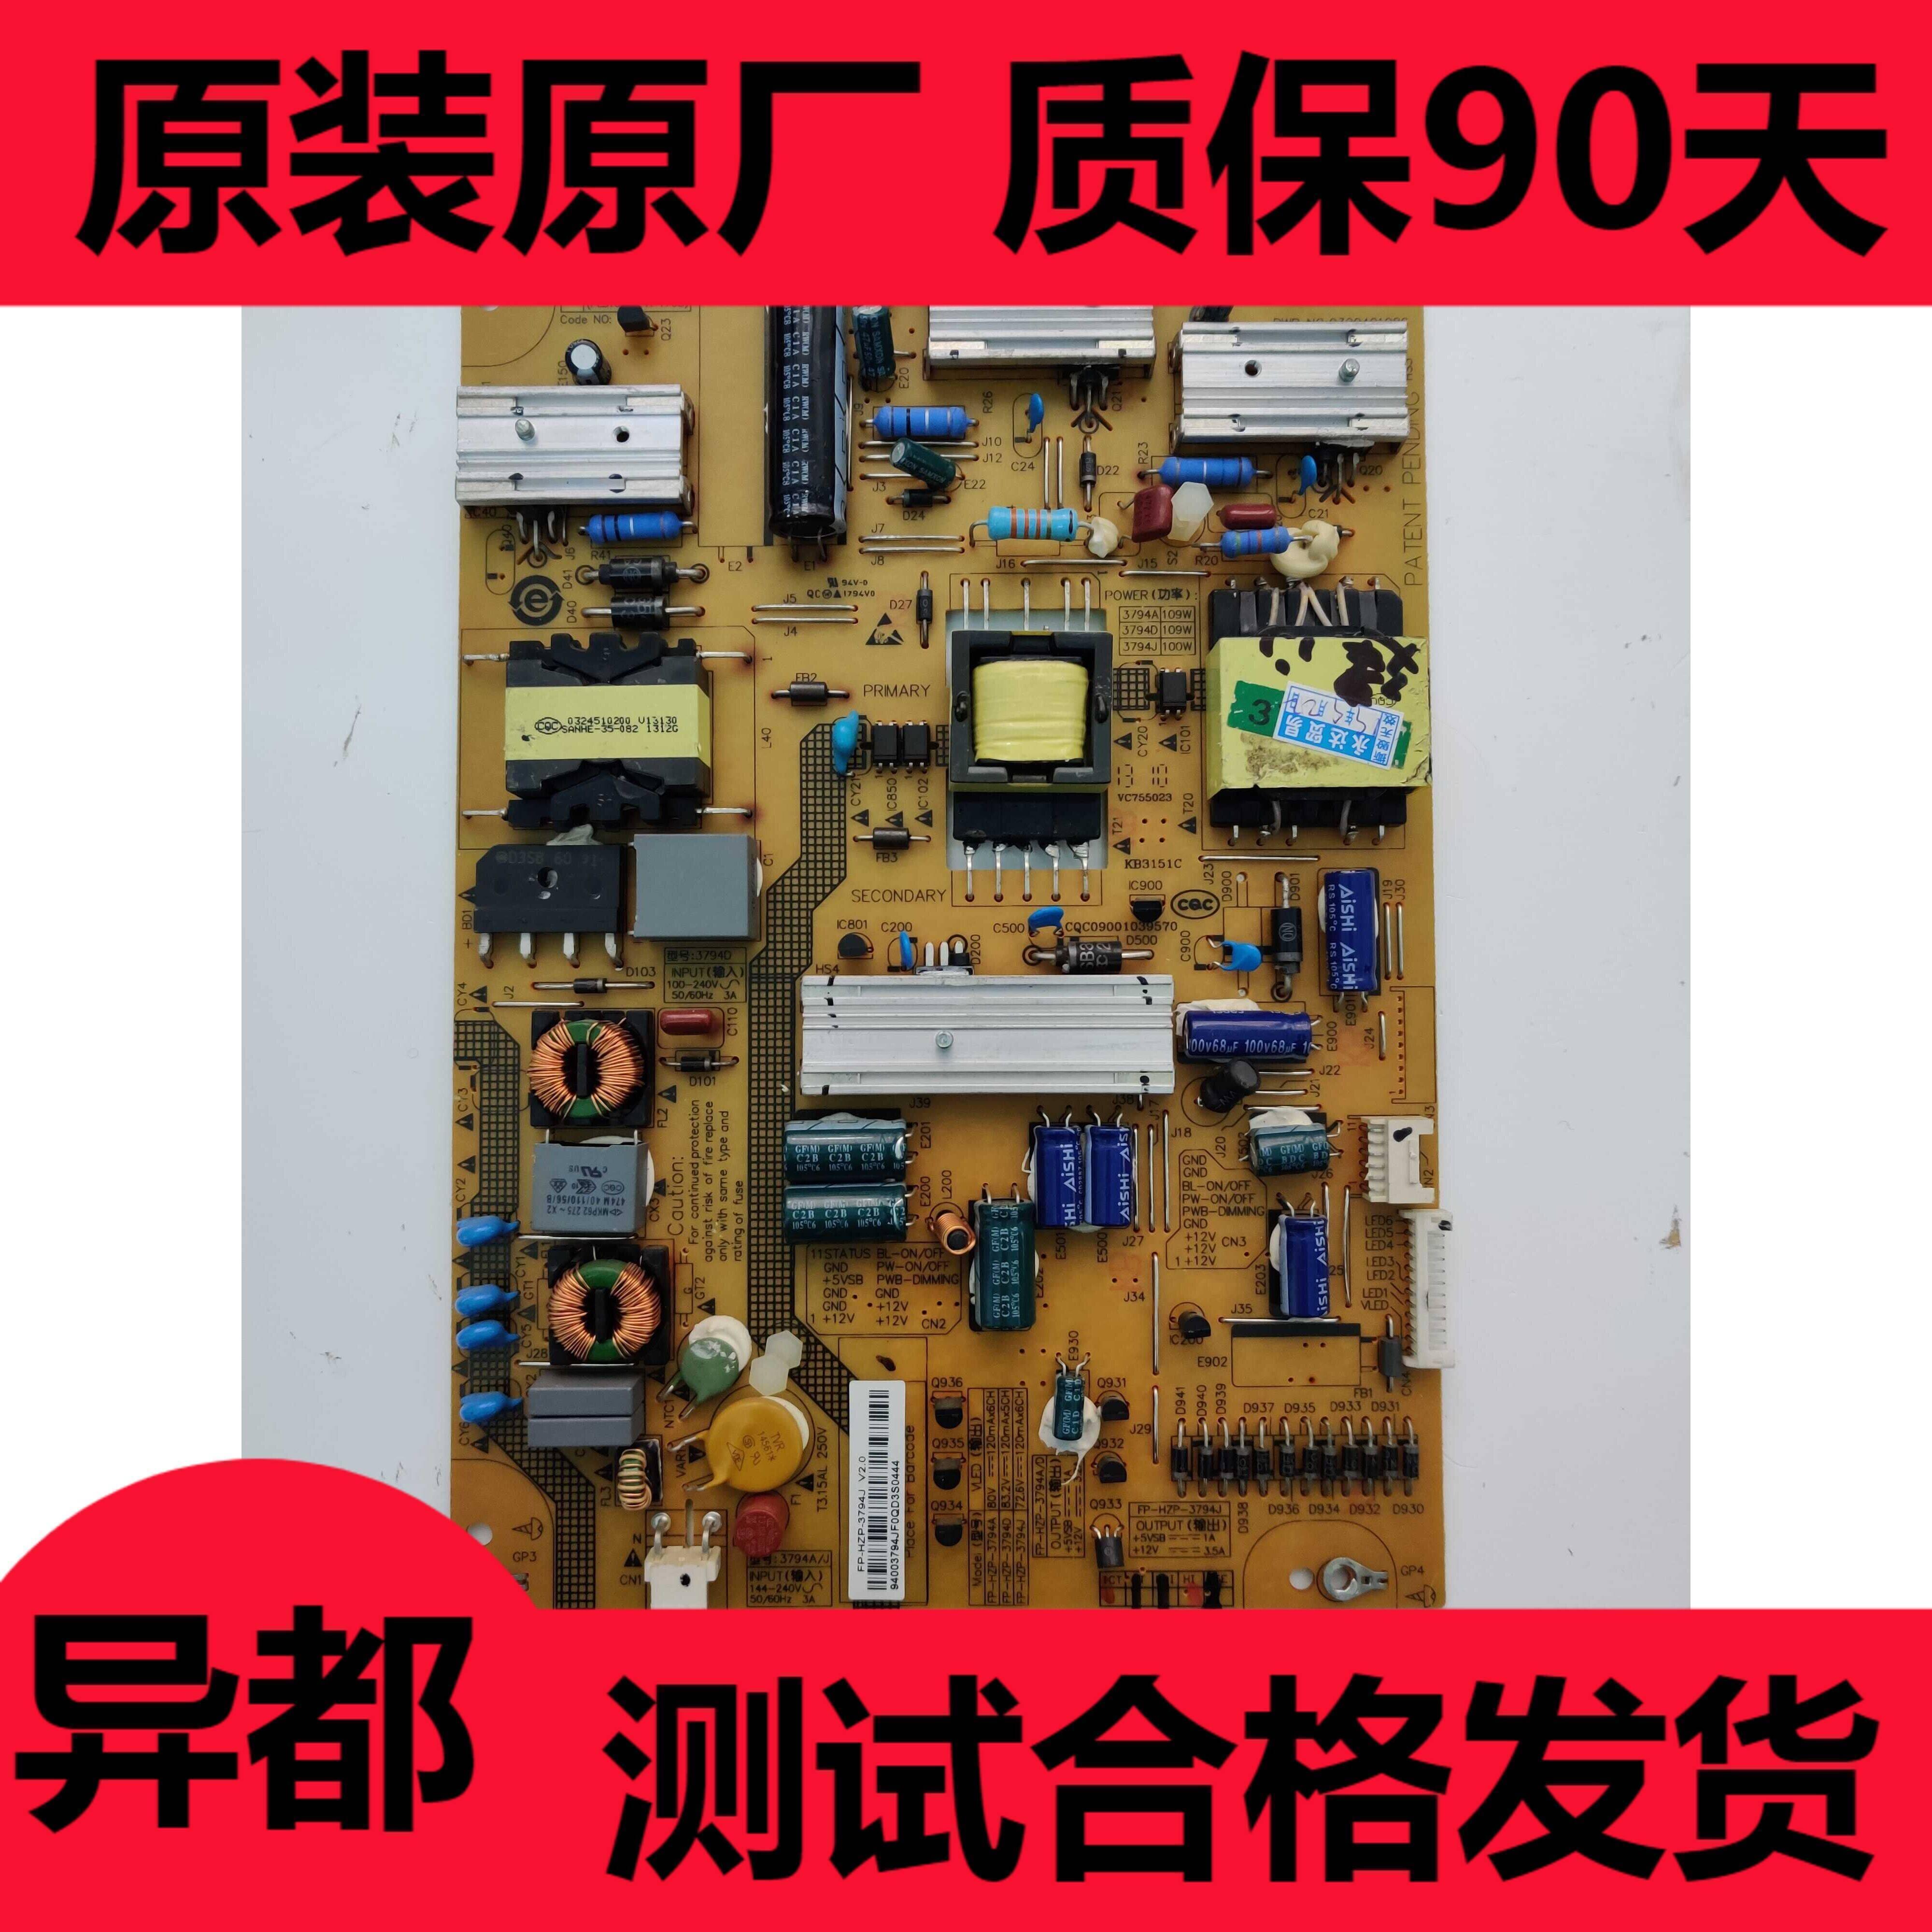 原装海尔le46a90w实物图电源板